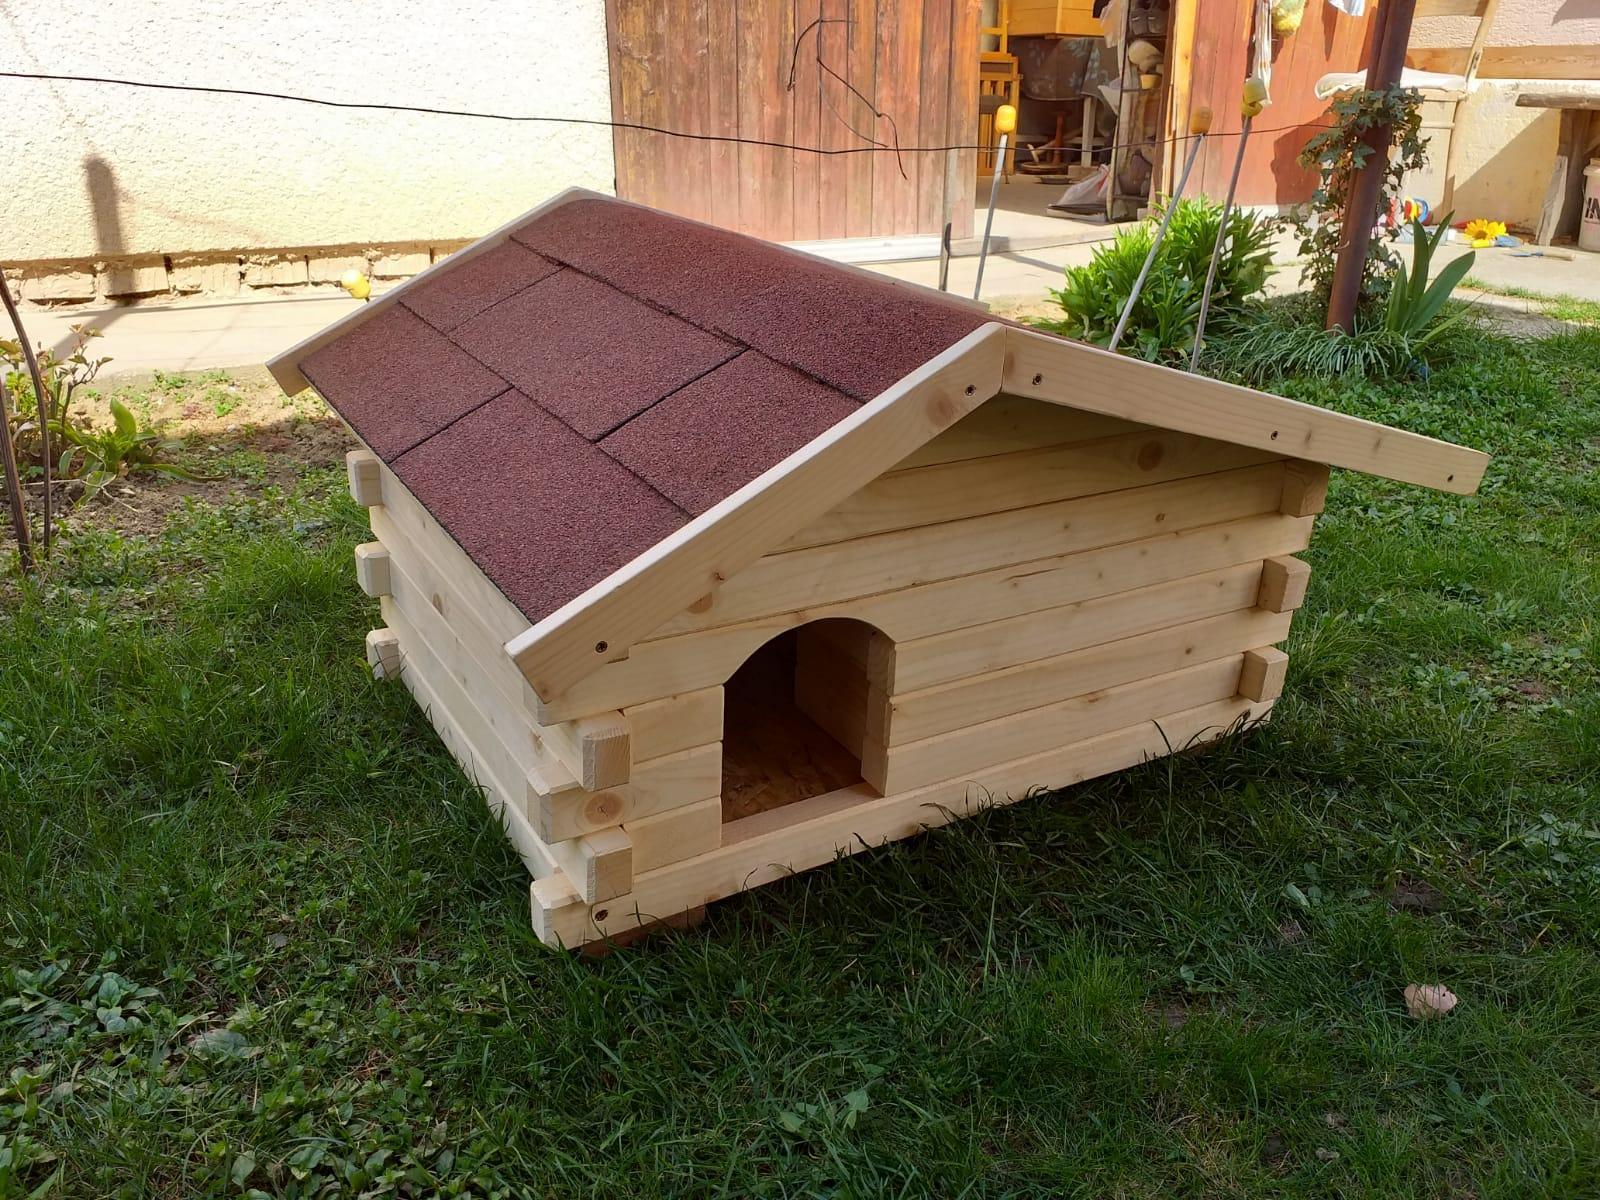 Domček pre malého psíka alebo mačku - Obrázok č. 3